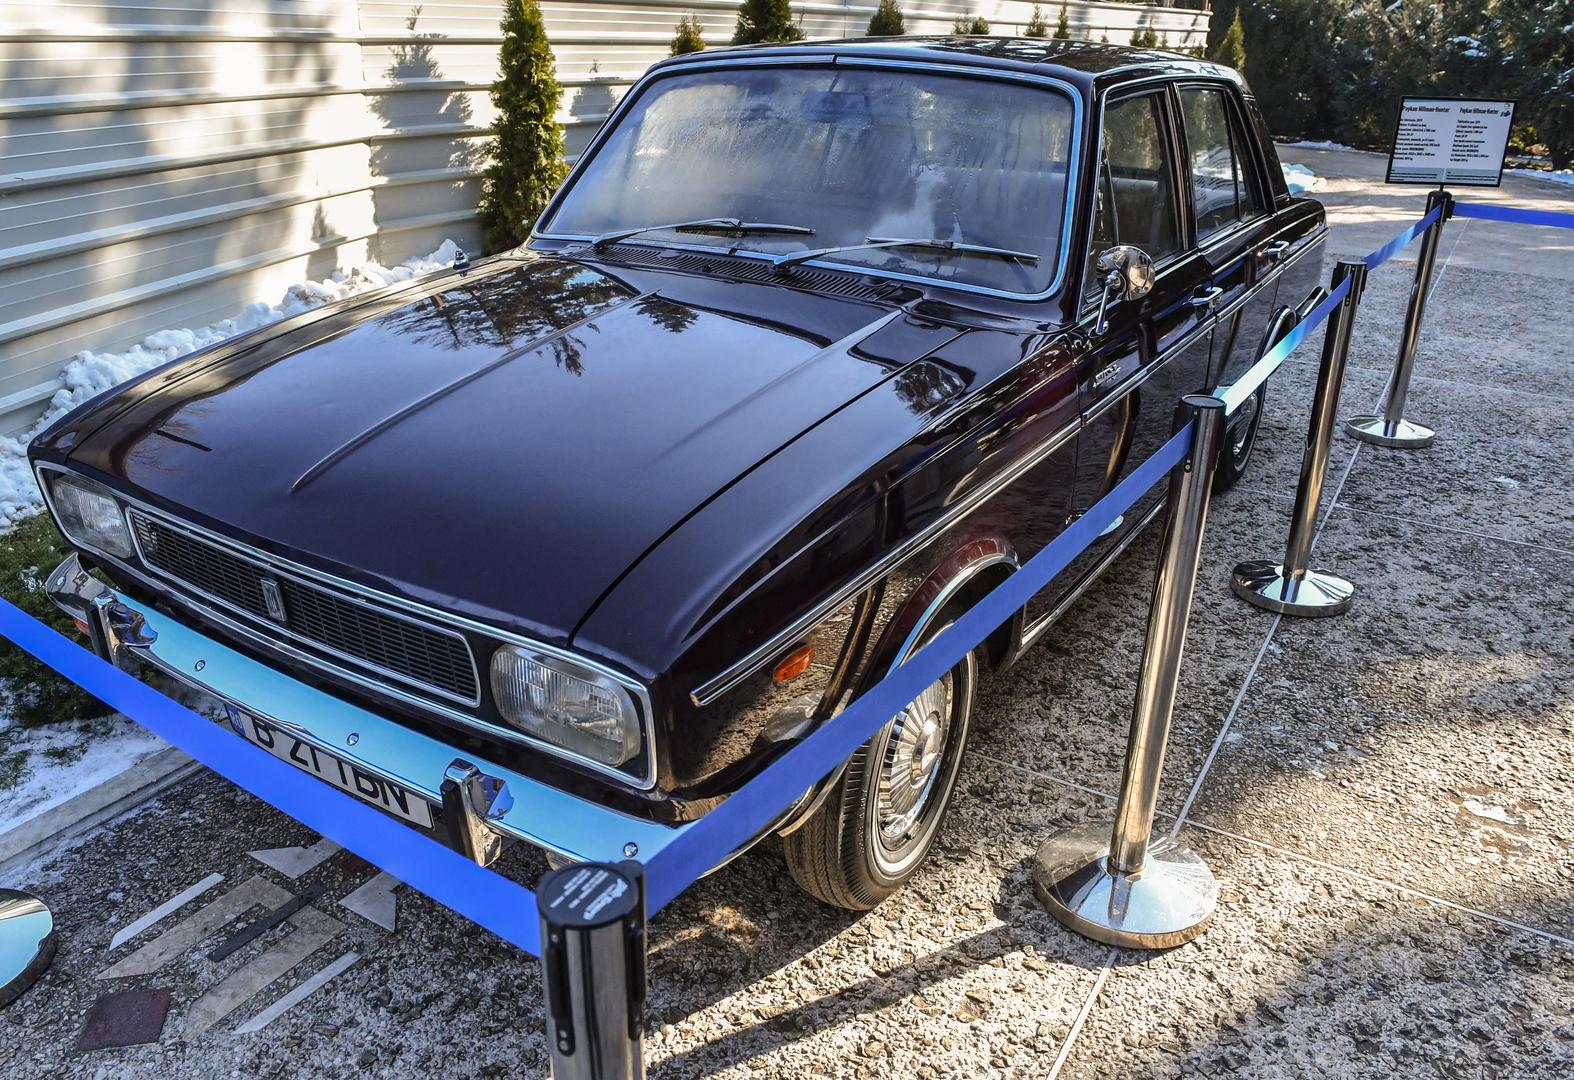 إيرانيون يسعون إلى استعادة سيارة فاخرة كان الشاه أهداها إلى تشاوشيسكو في السبعينيات